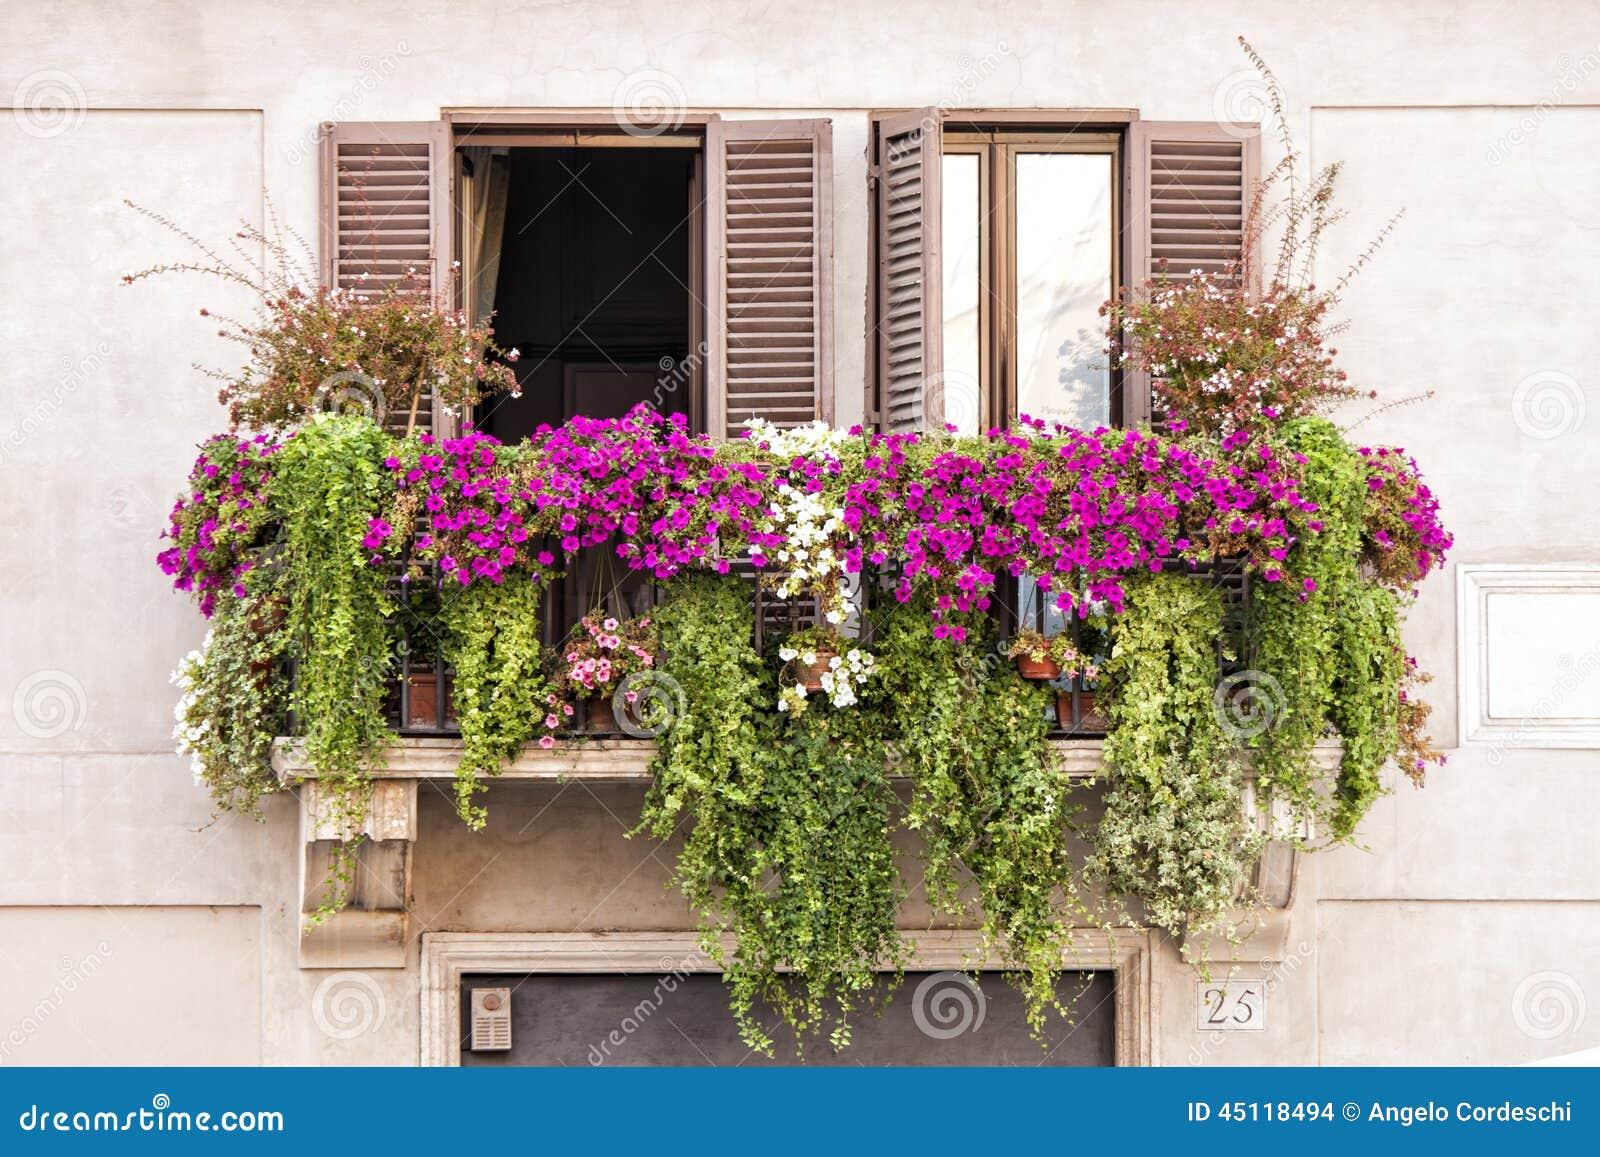 Ιταλικό σύνολο παραθύρων μπαλκονιών των εγκαταστάσεων και των λουλουδιών